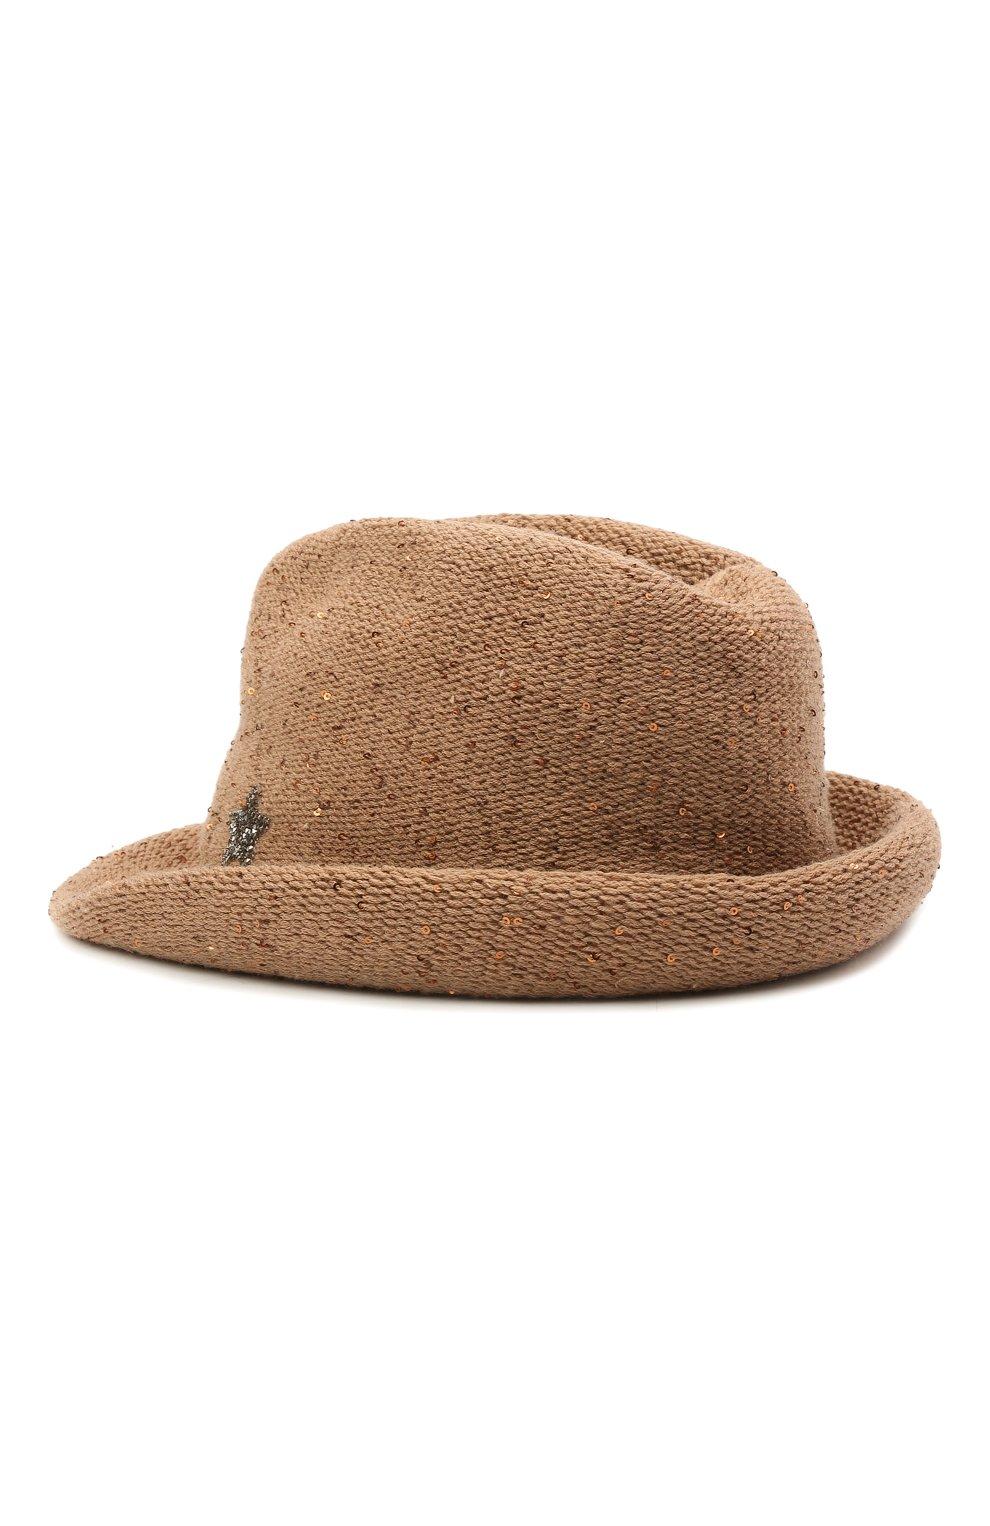 Женская шляпа из шерсти и кашемира LORENA ANTONIAZZI бежевого цвета, арт. A2197CE004/2535 | Фото 2 (Материал: Кашемир, Шерсть)